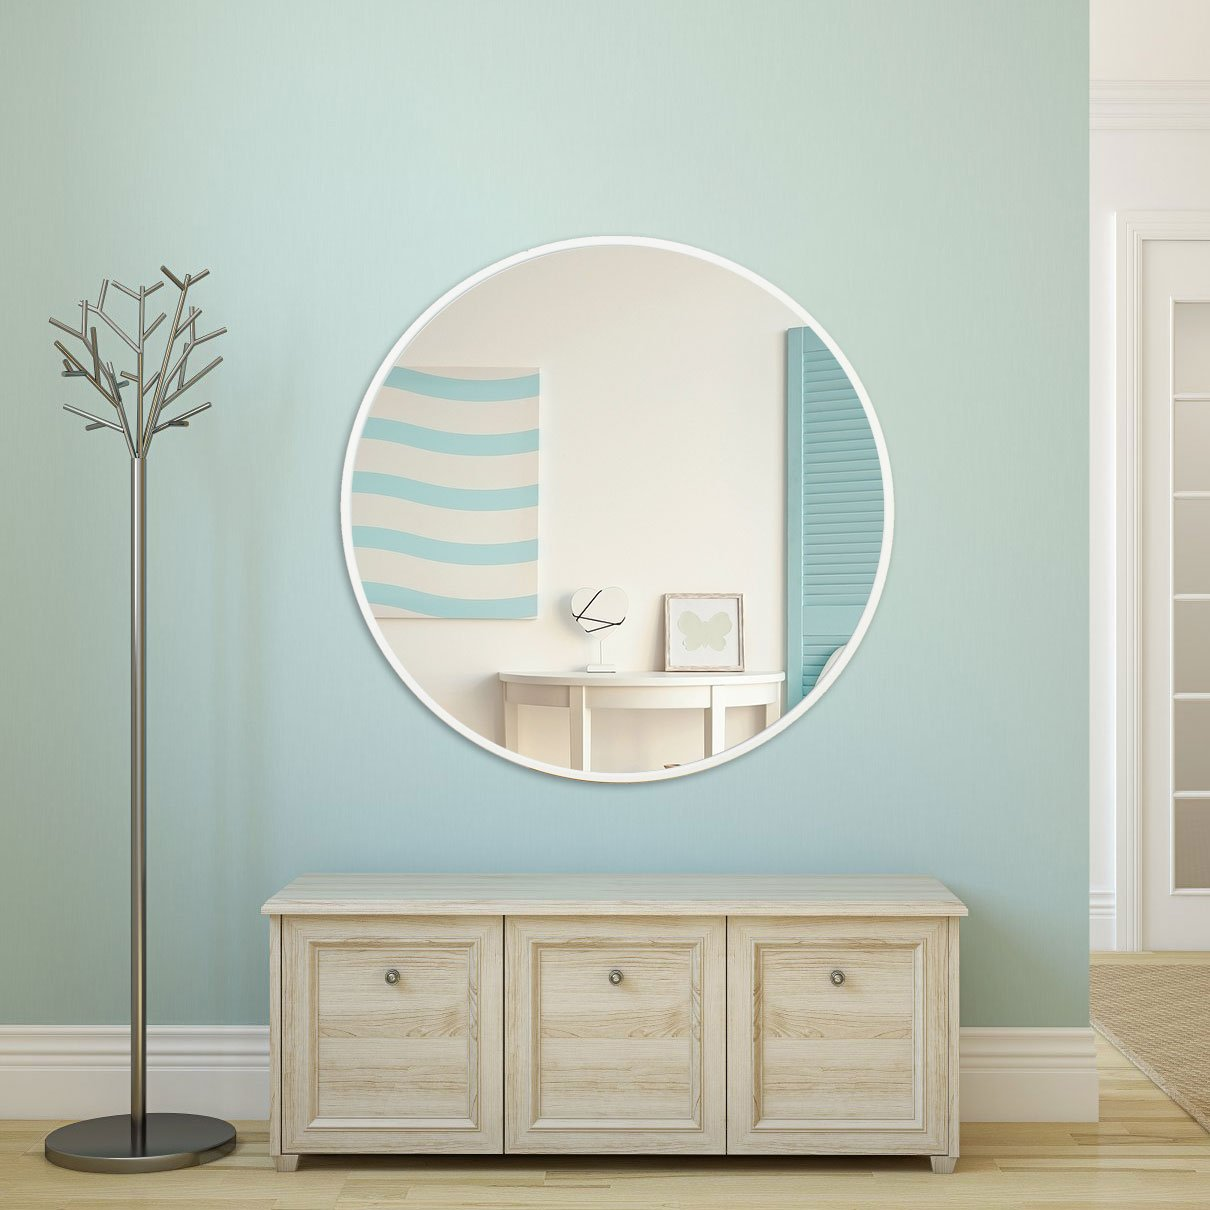 Espelho Decorativo Redondo com Moldura Branca